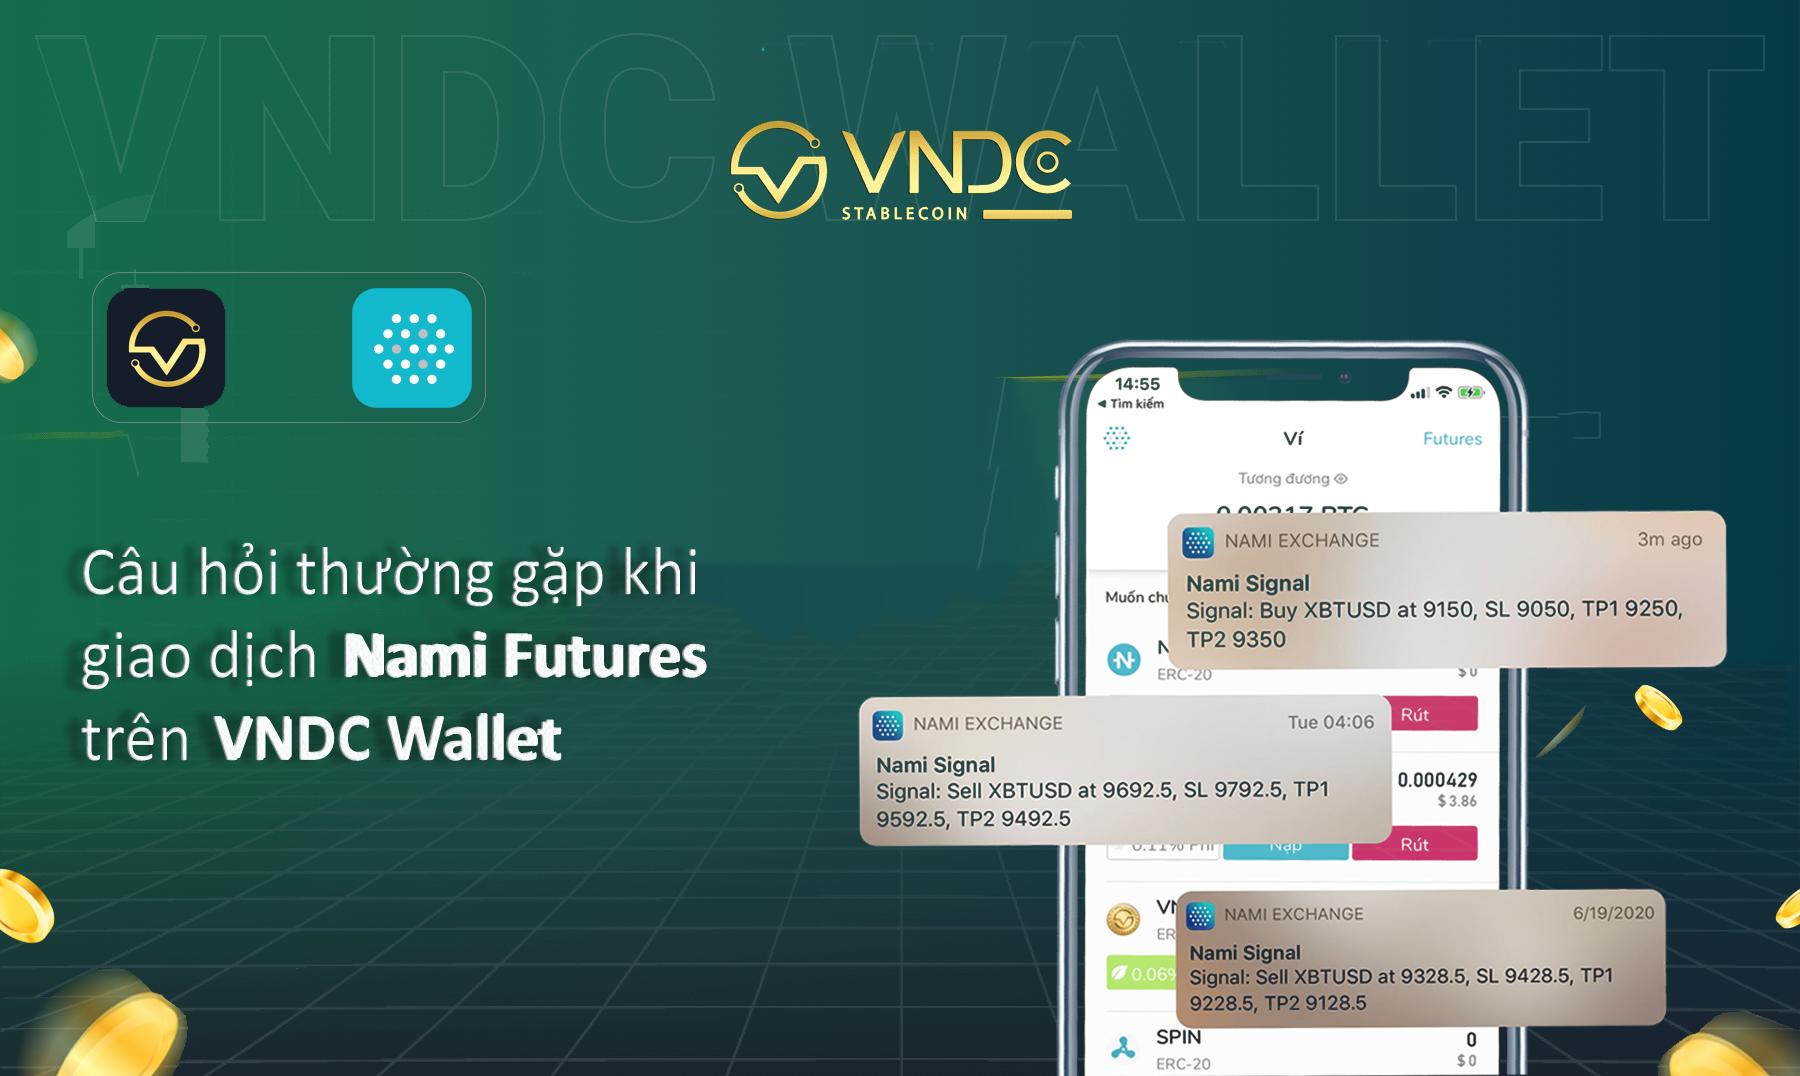 Câu hỏi thường gặp khi giao dịch Nami Futures trên VNDC Wallet